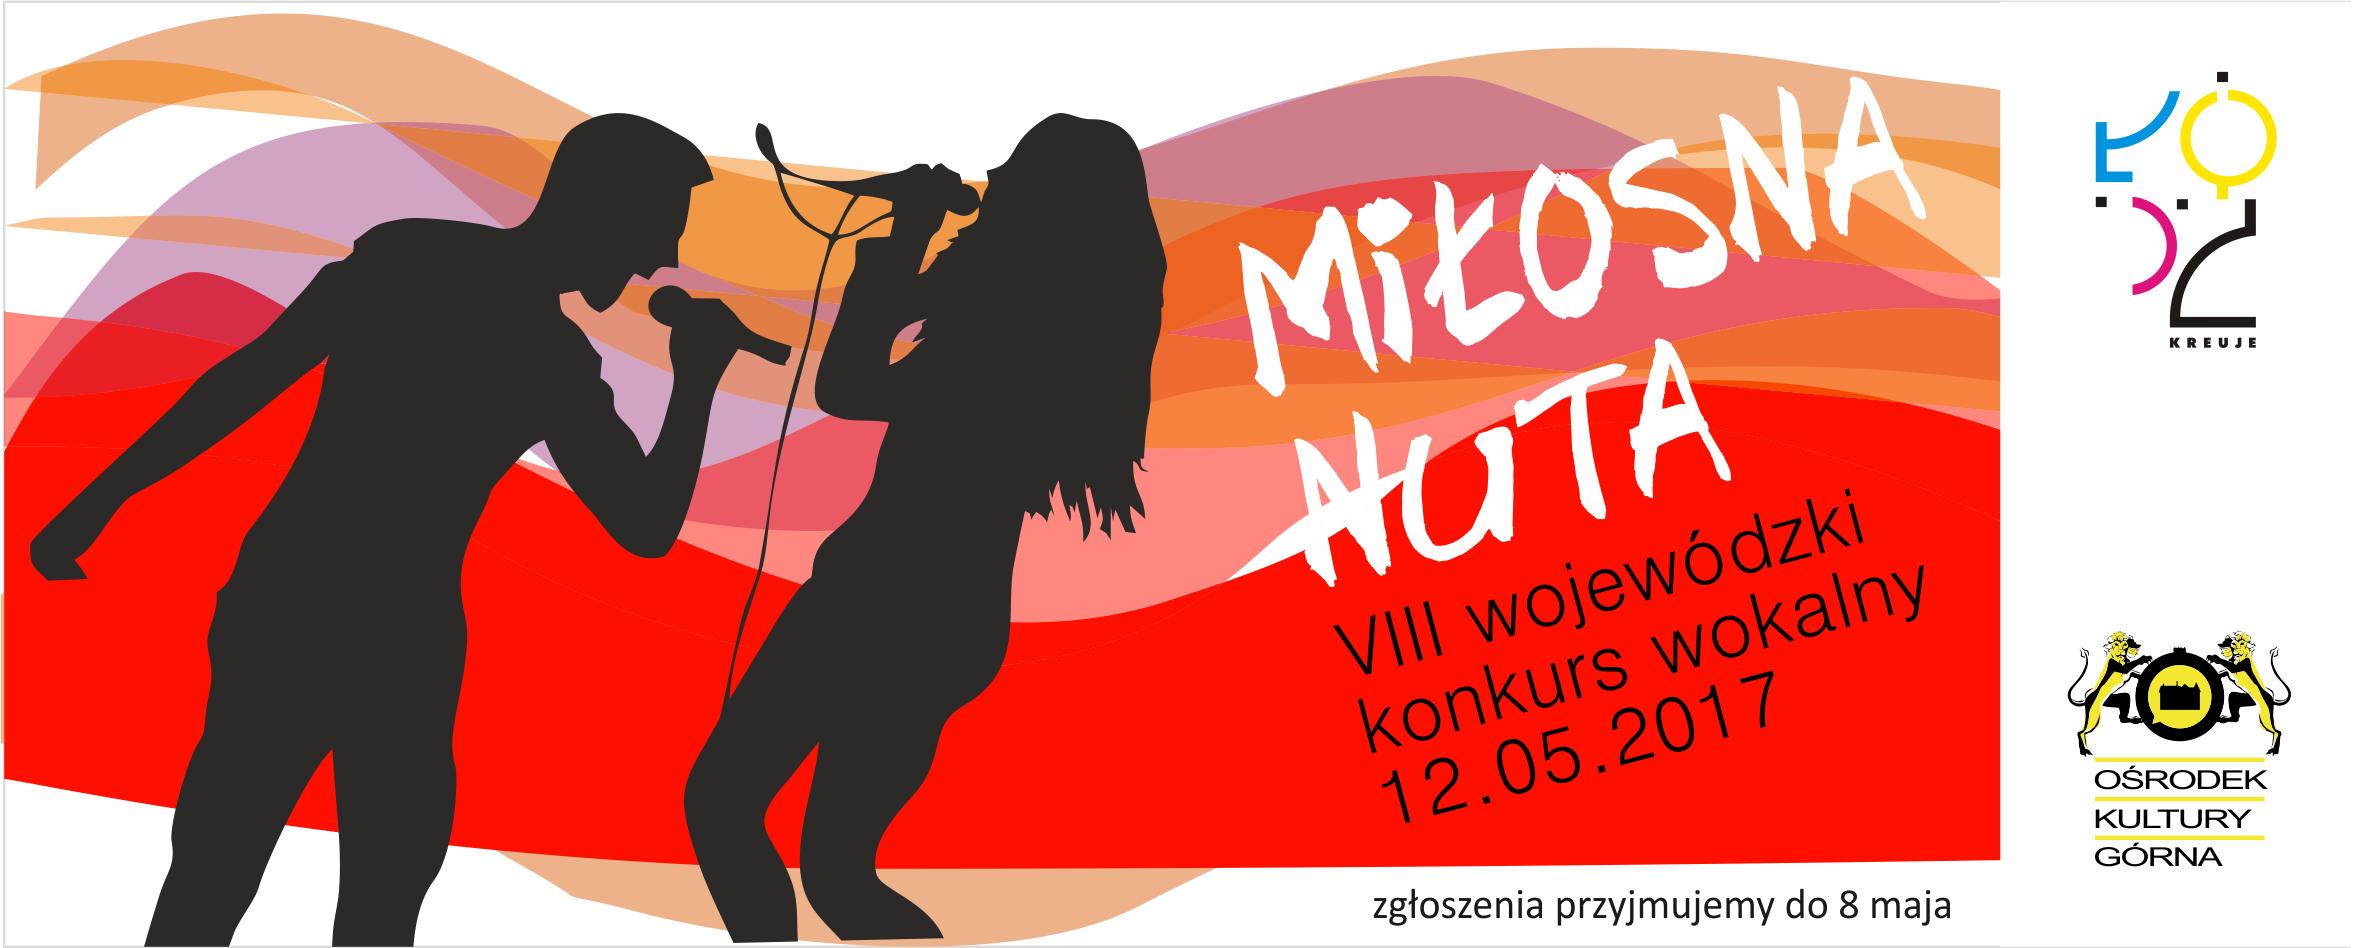 Miłosna nuta – konkurs wokalny